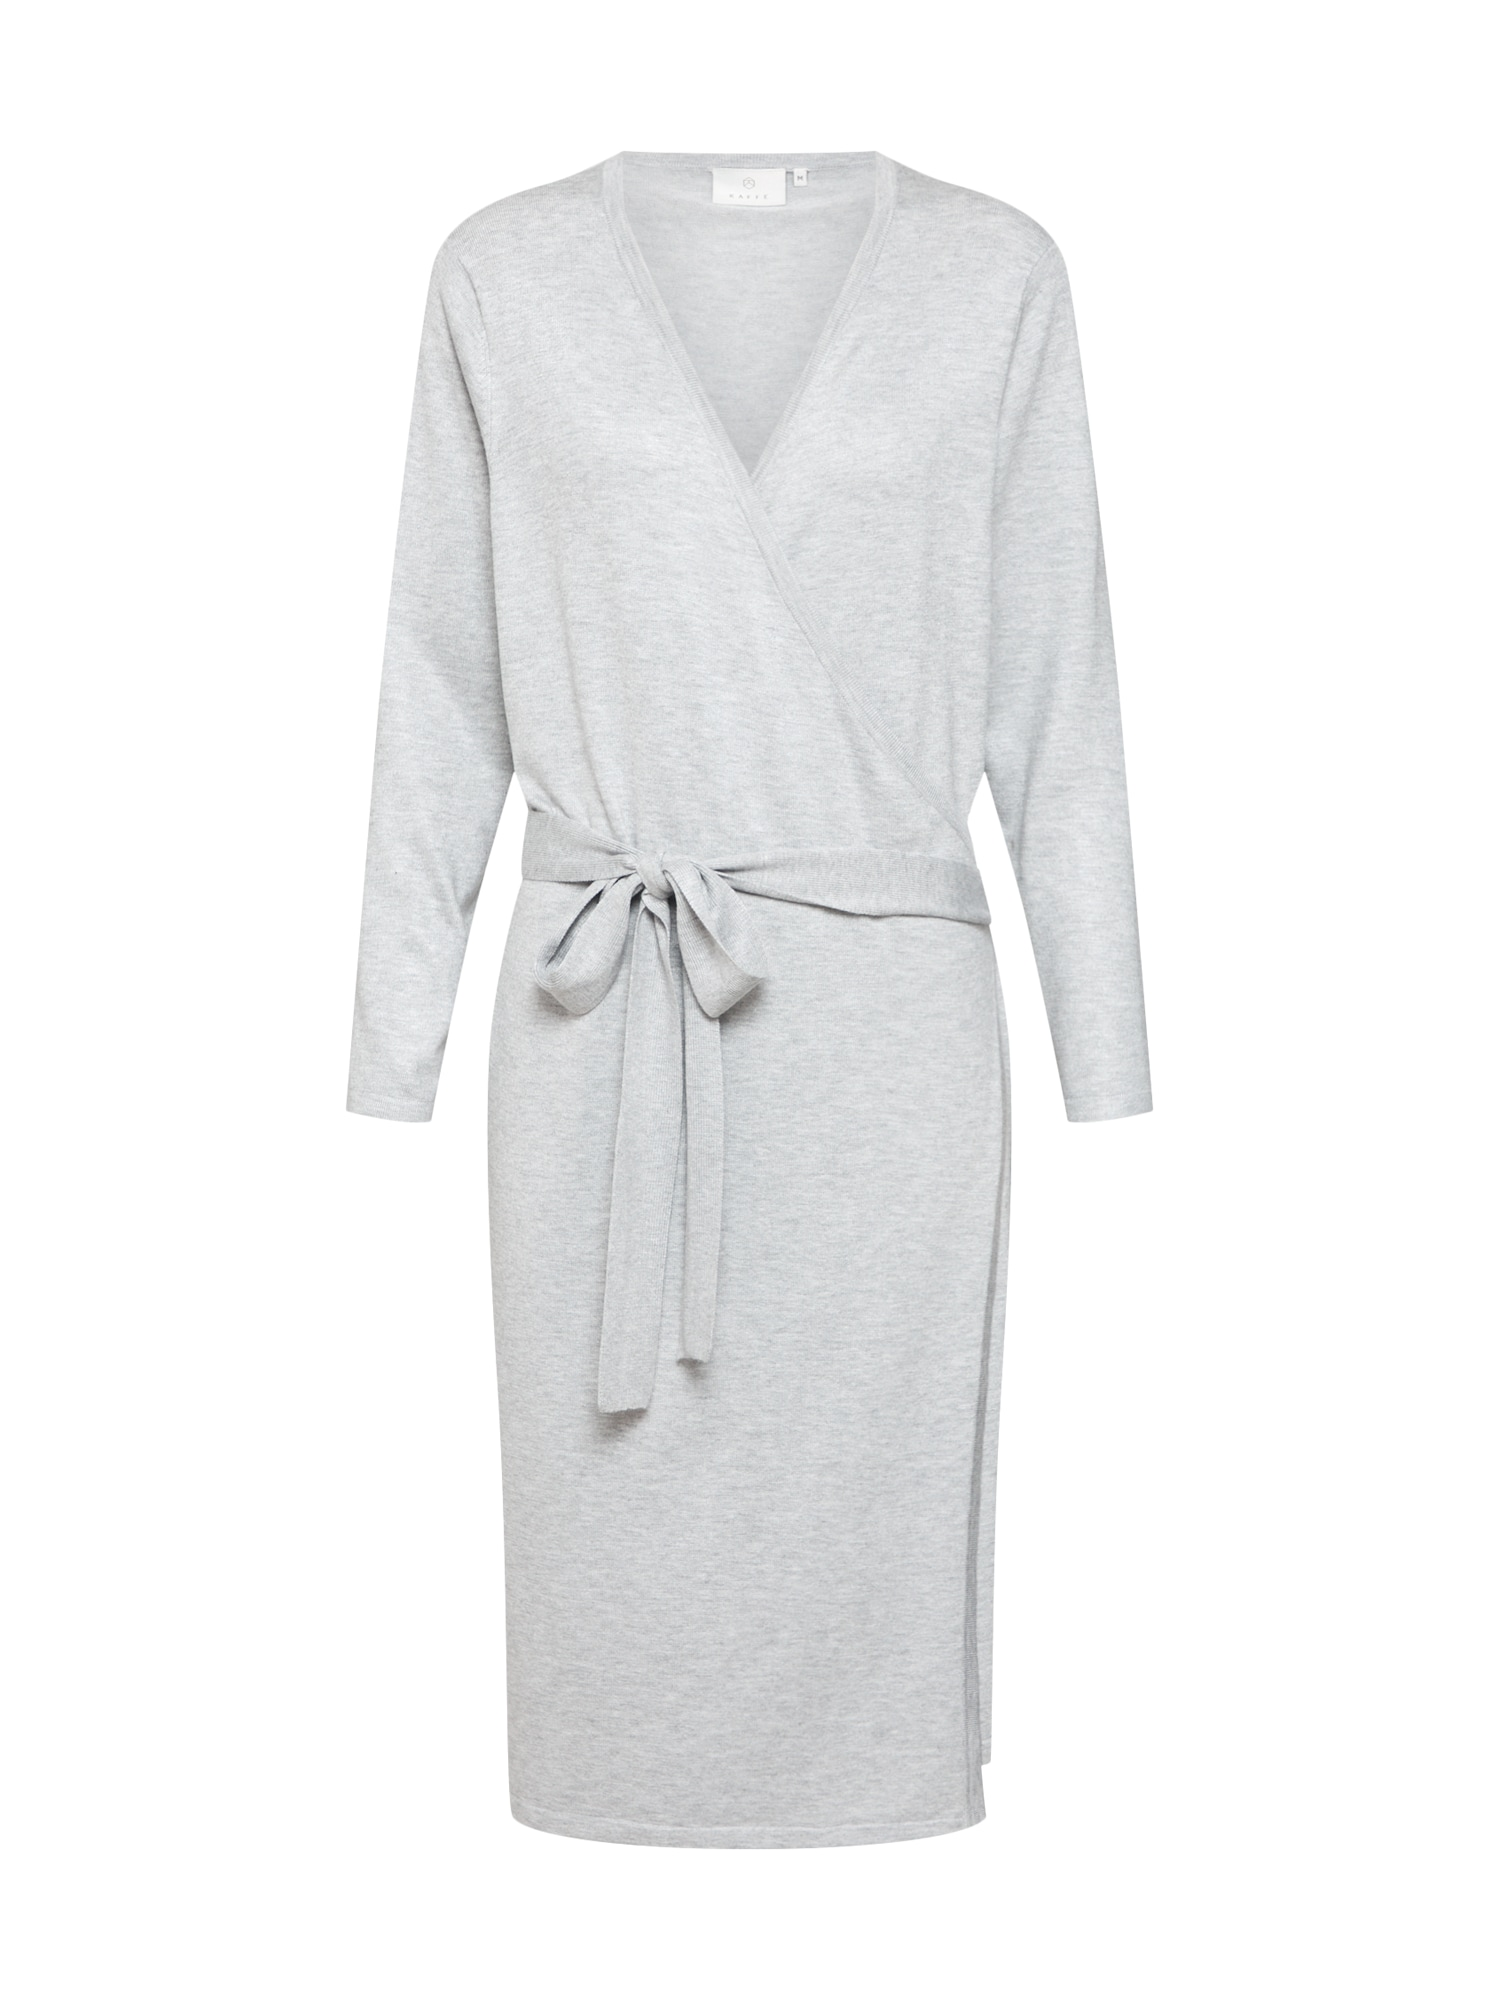 Šaty Anita Wrap Dress šedý melír Kaffe